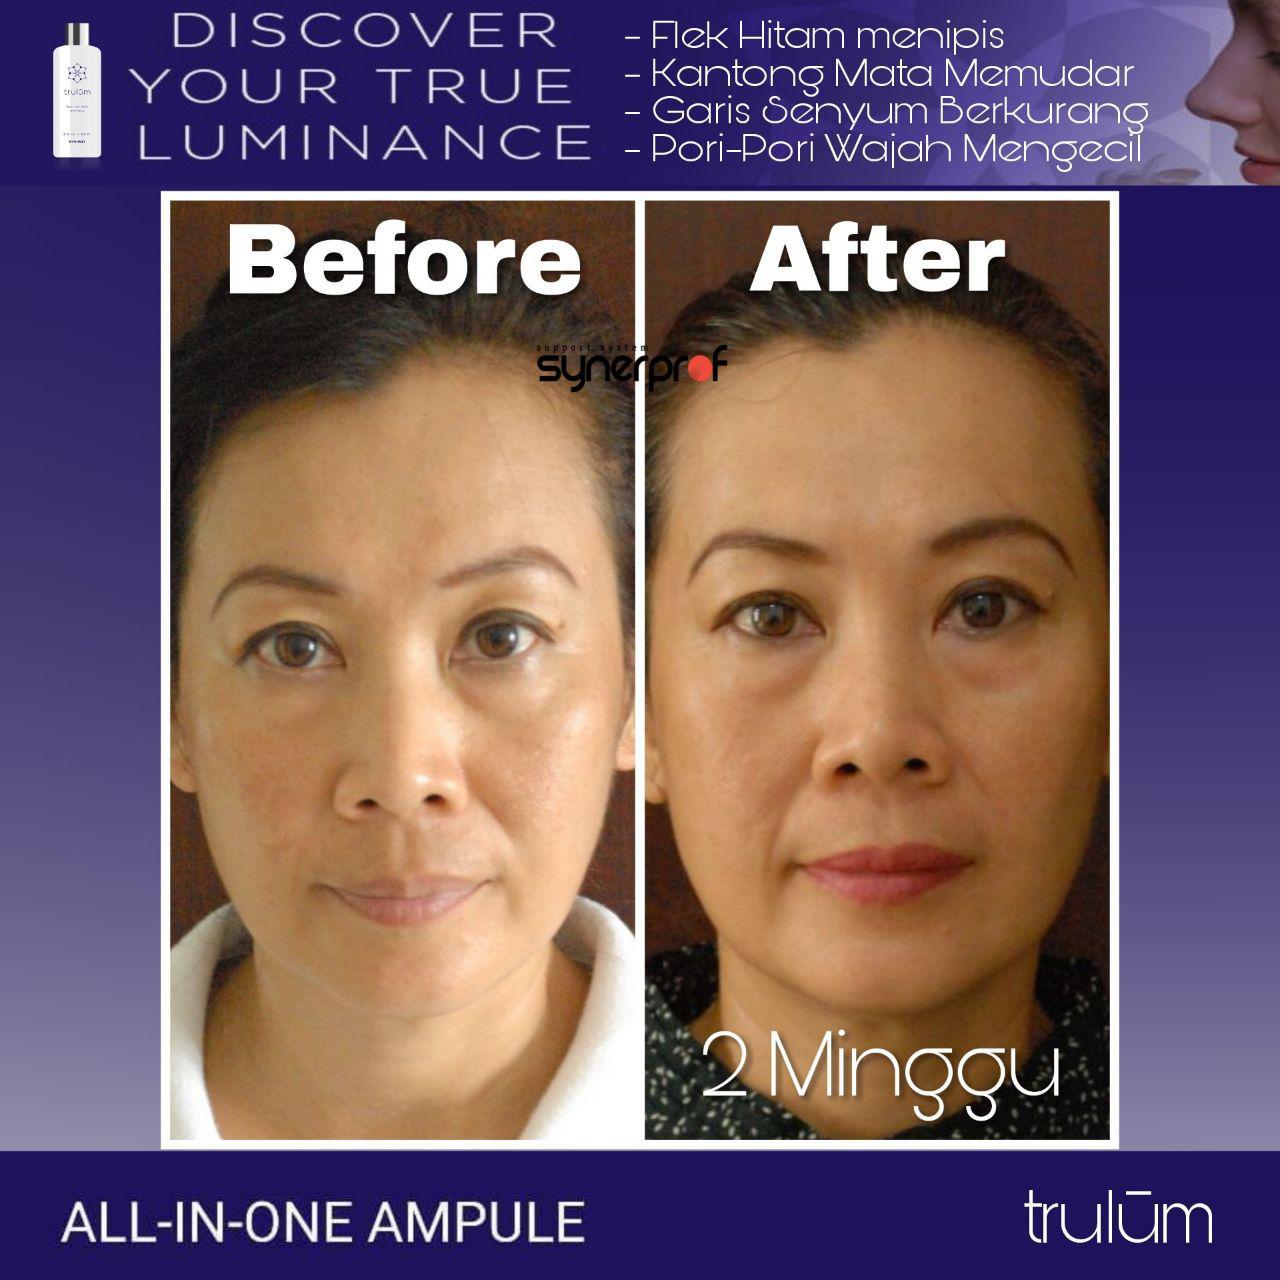 Klinik Kecantikan Trulum Ampoule Di Bojongsari, Bandung WA: 08112338376